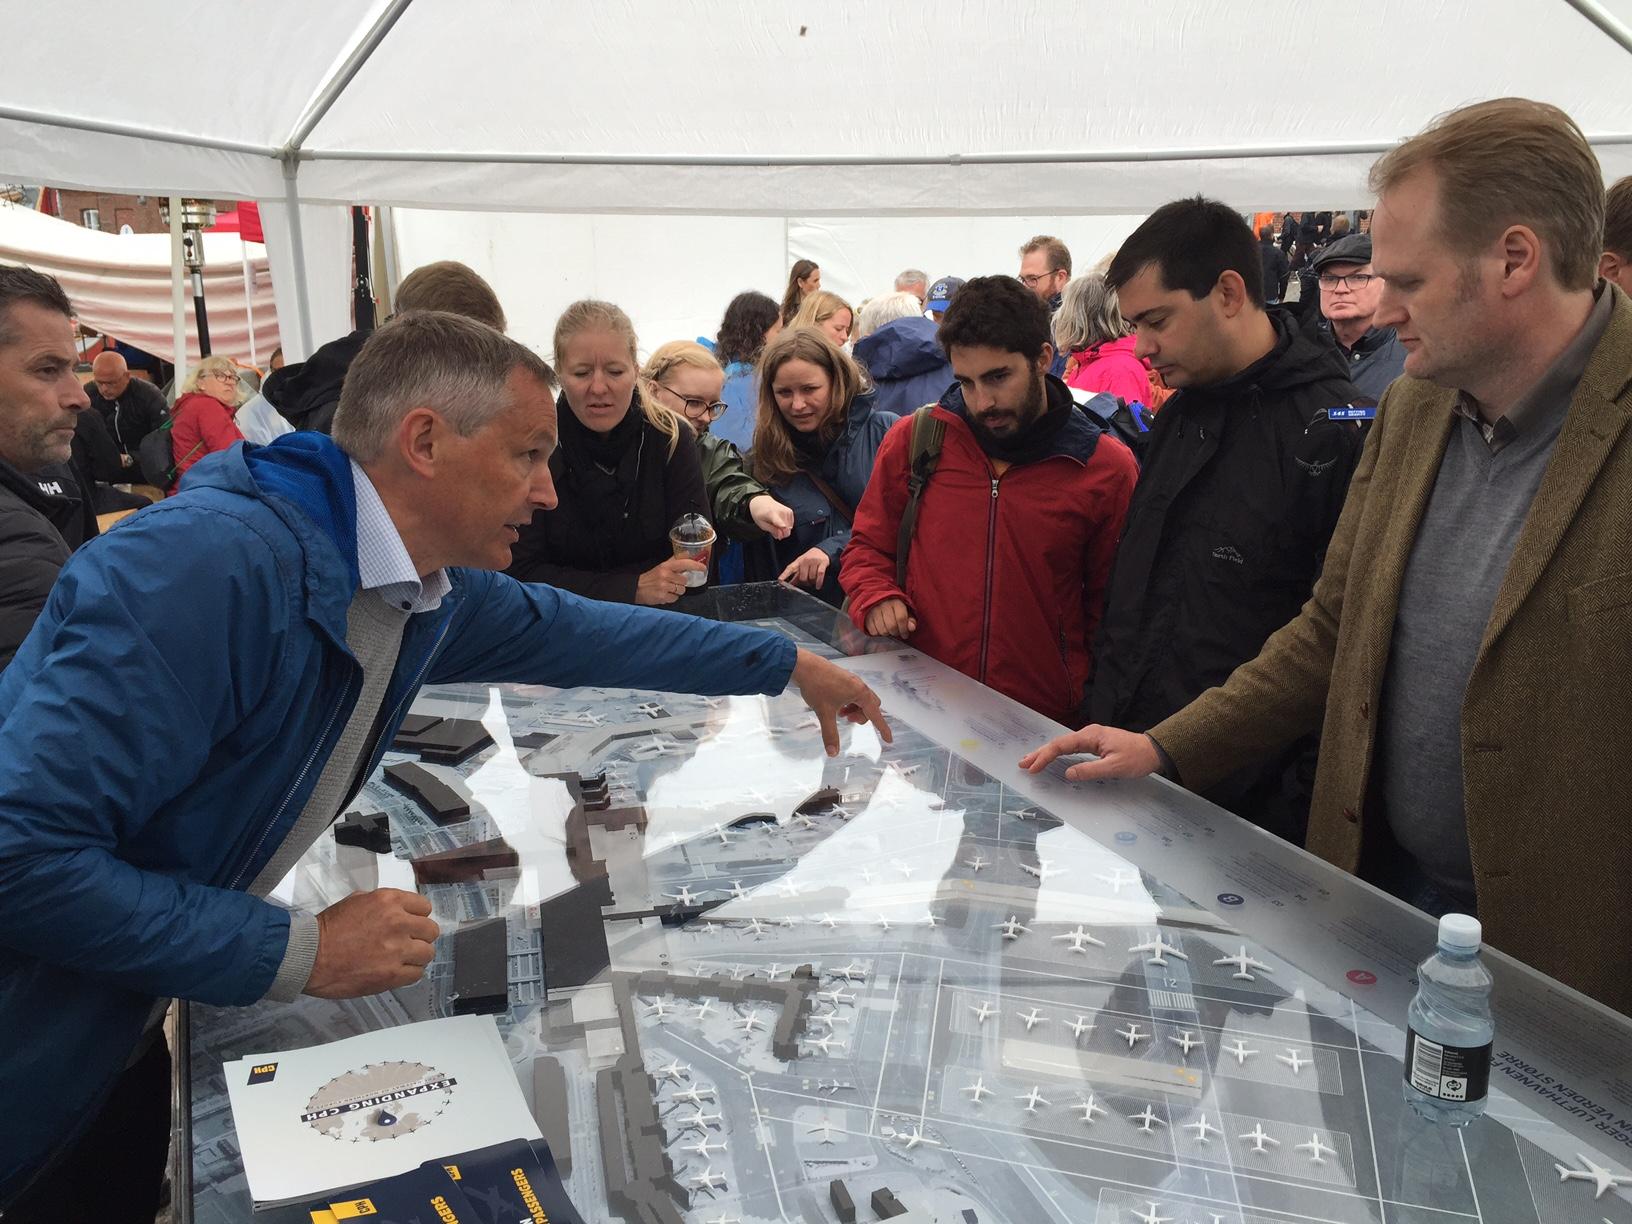 Kommunikationsdirektør Henrik P. Jørgensen fra Københavns Lufthavn fortalte på Folkemødet 2016 om lufthavnens udbygningsplaner over en stor model af CPH. Foto: Andreas Krog.